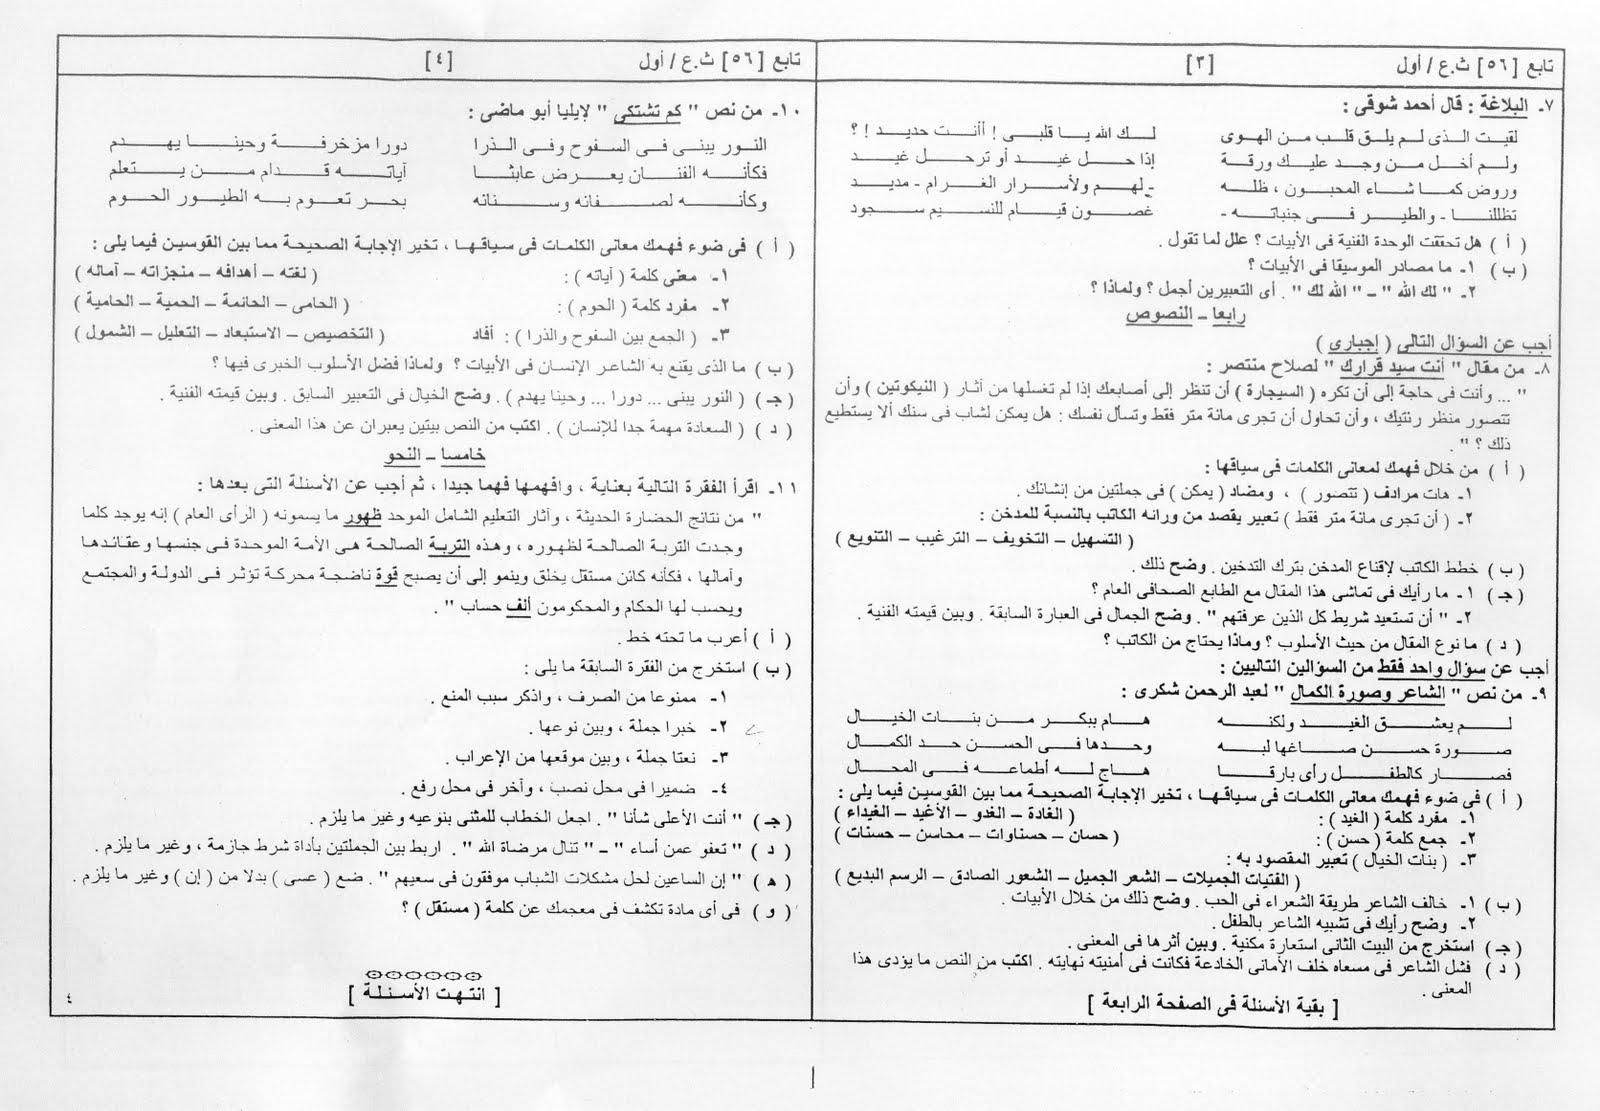 اللغة العربية للصف الثالث الثانوي 2011